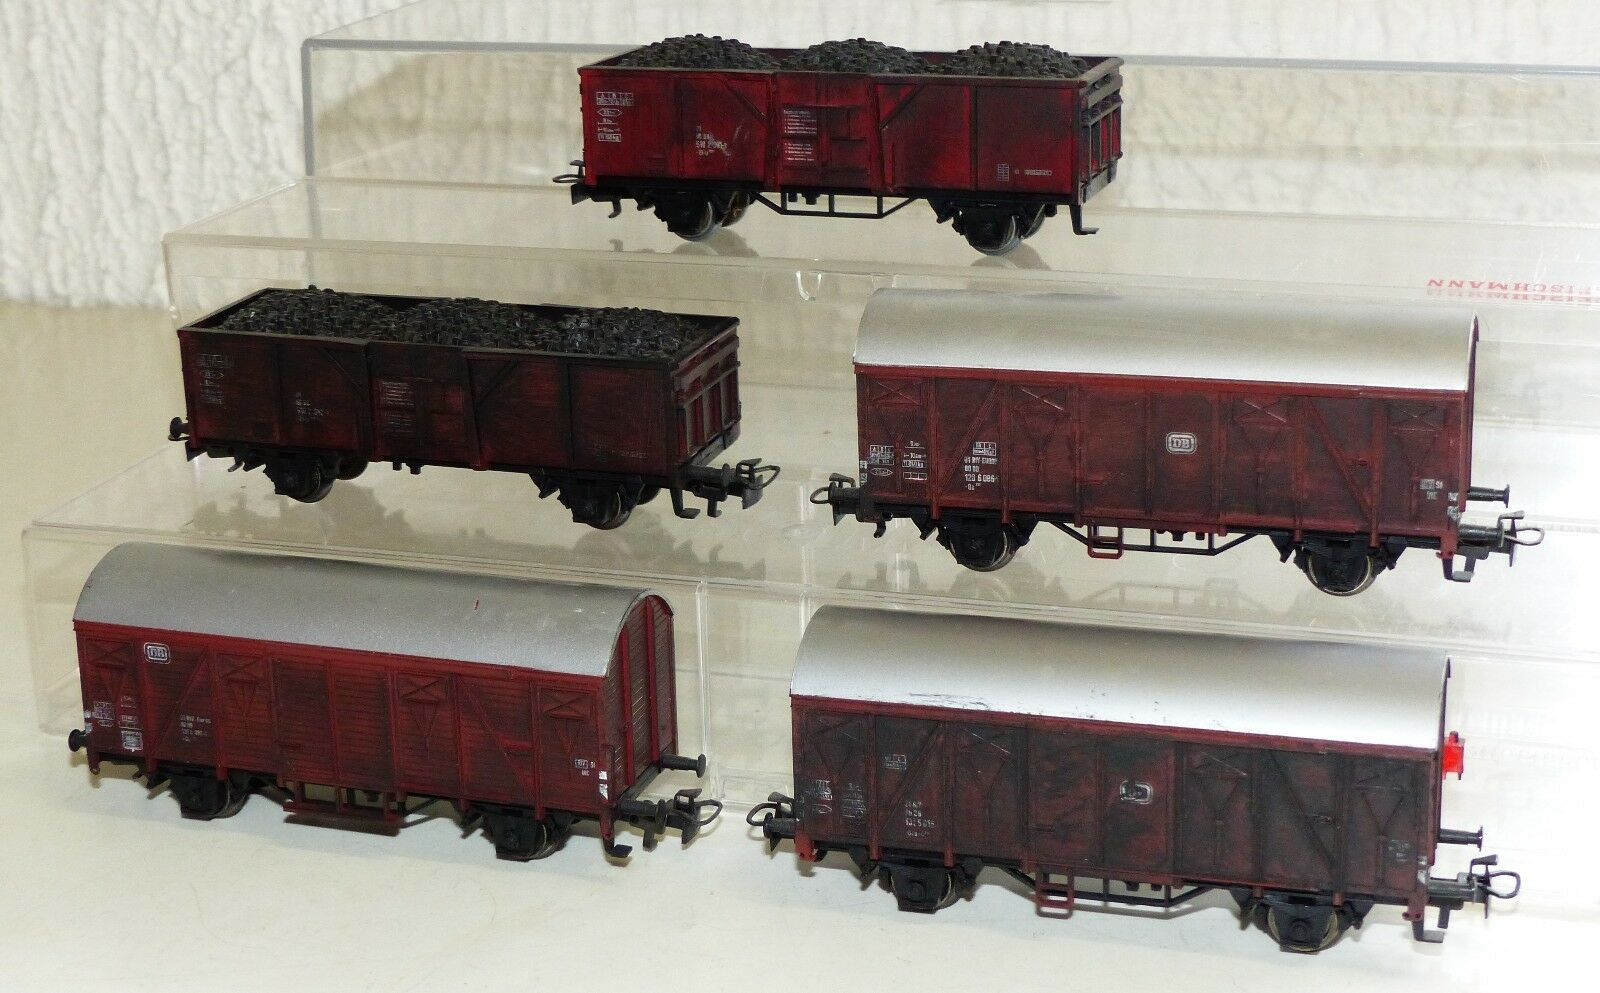 5x Märklin goods wagons, High Board Coal Cargo, Ged. GW Aged h0